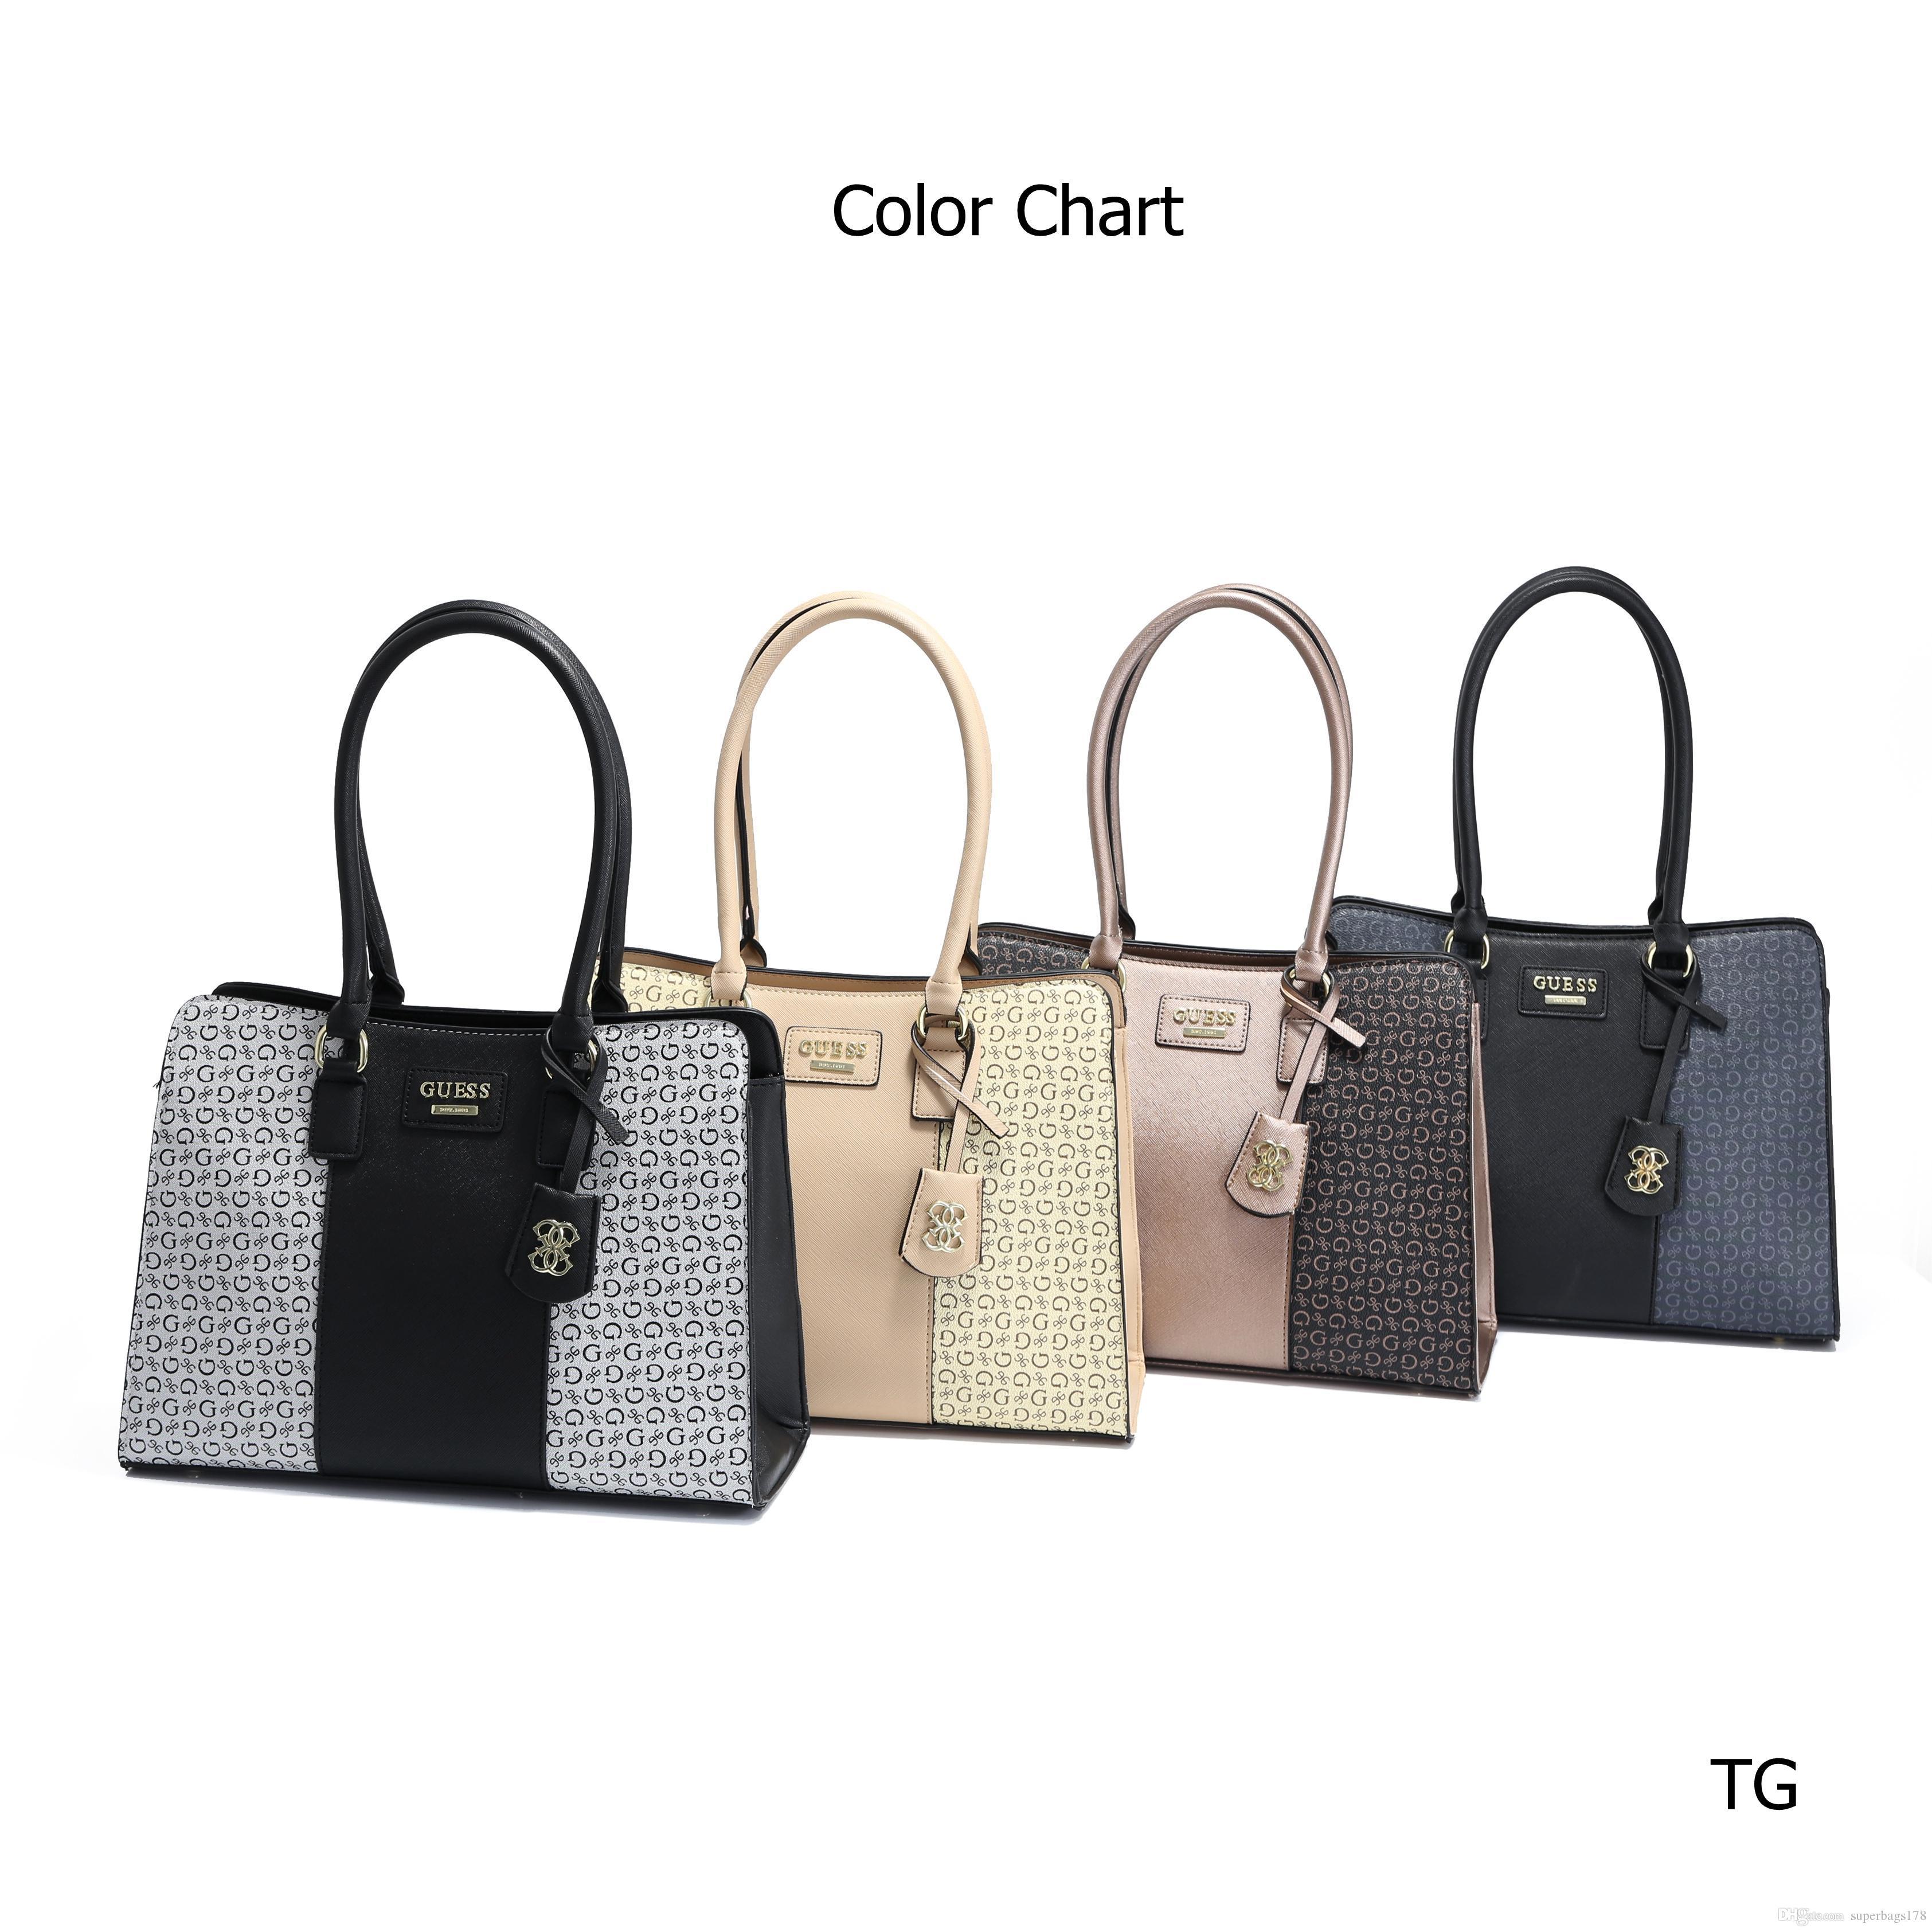 BBB TG 9916 En iyi fiyat Yüksek Kalite kadınlar Bayanlar Tek el çantası taşımak Omuz sırt çantası çanta çanta cüzdan